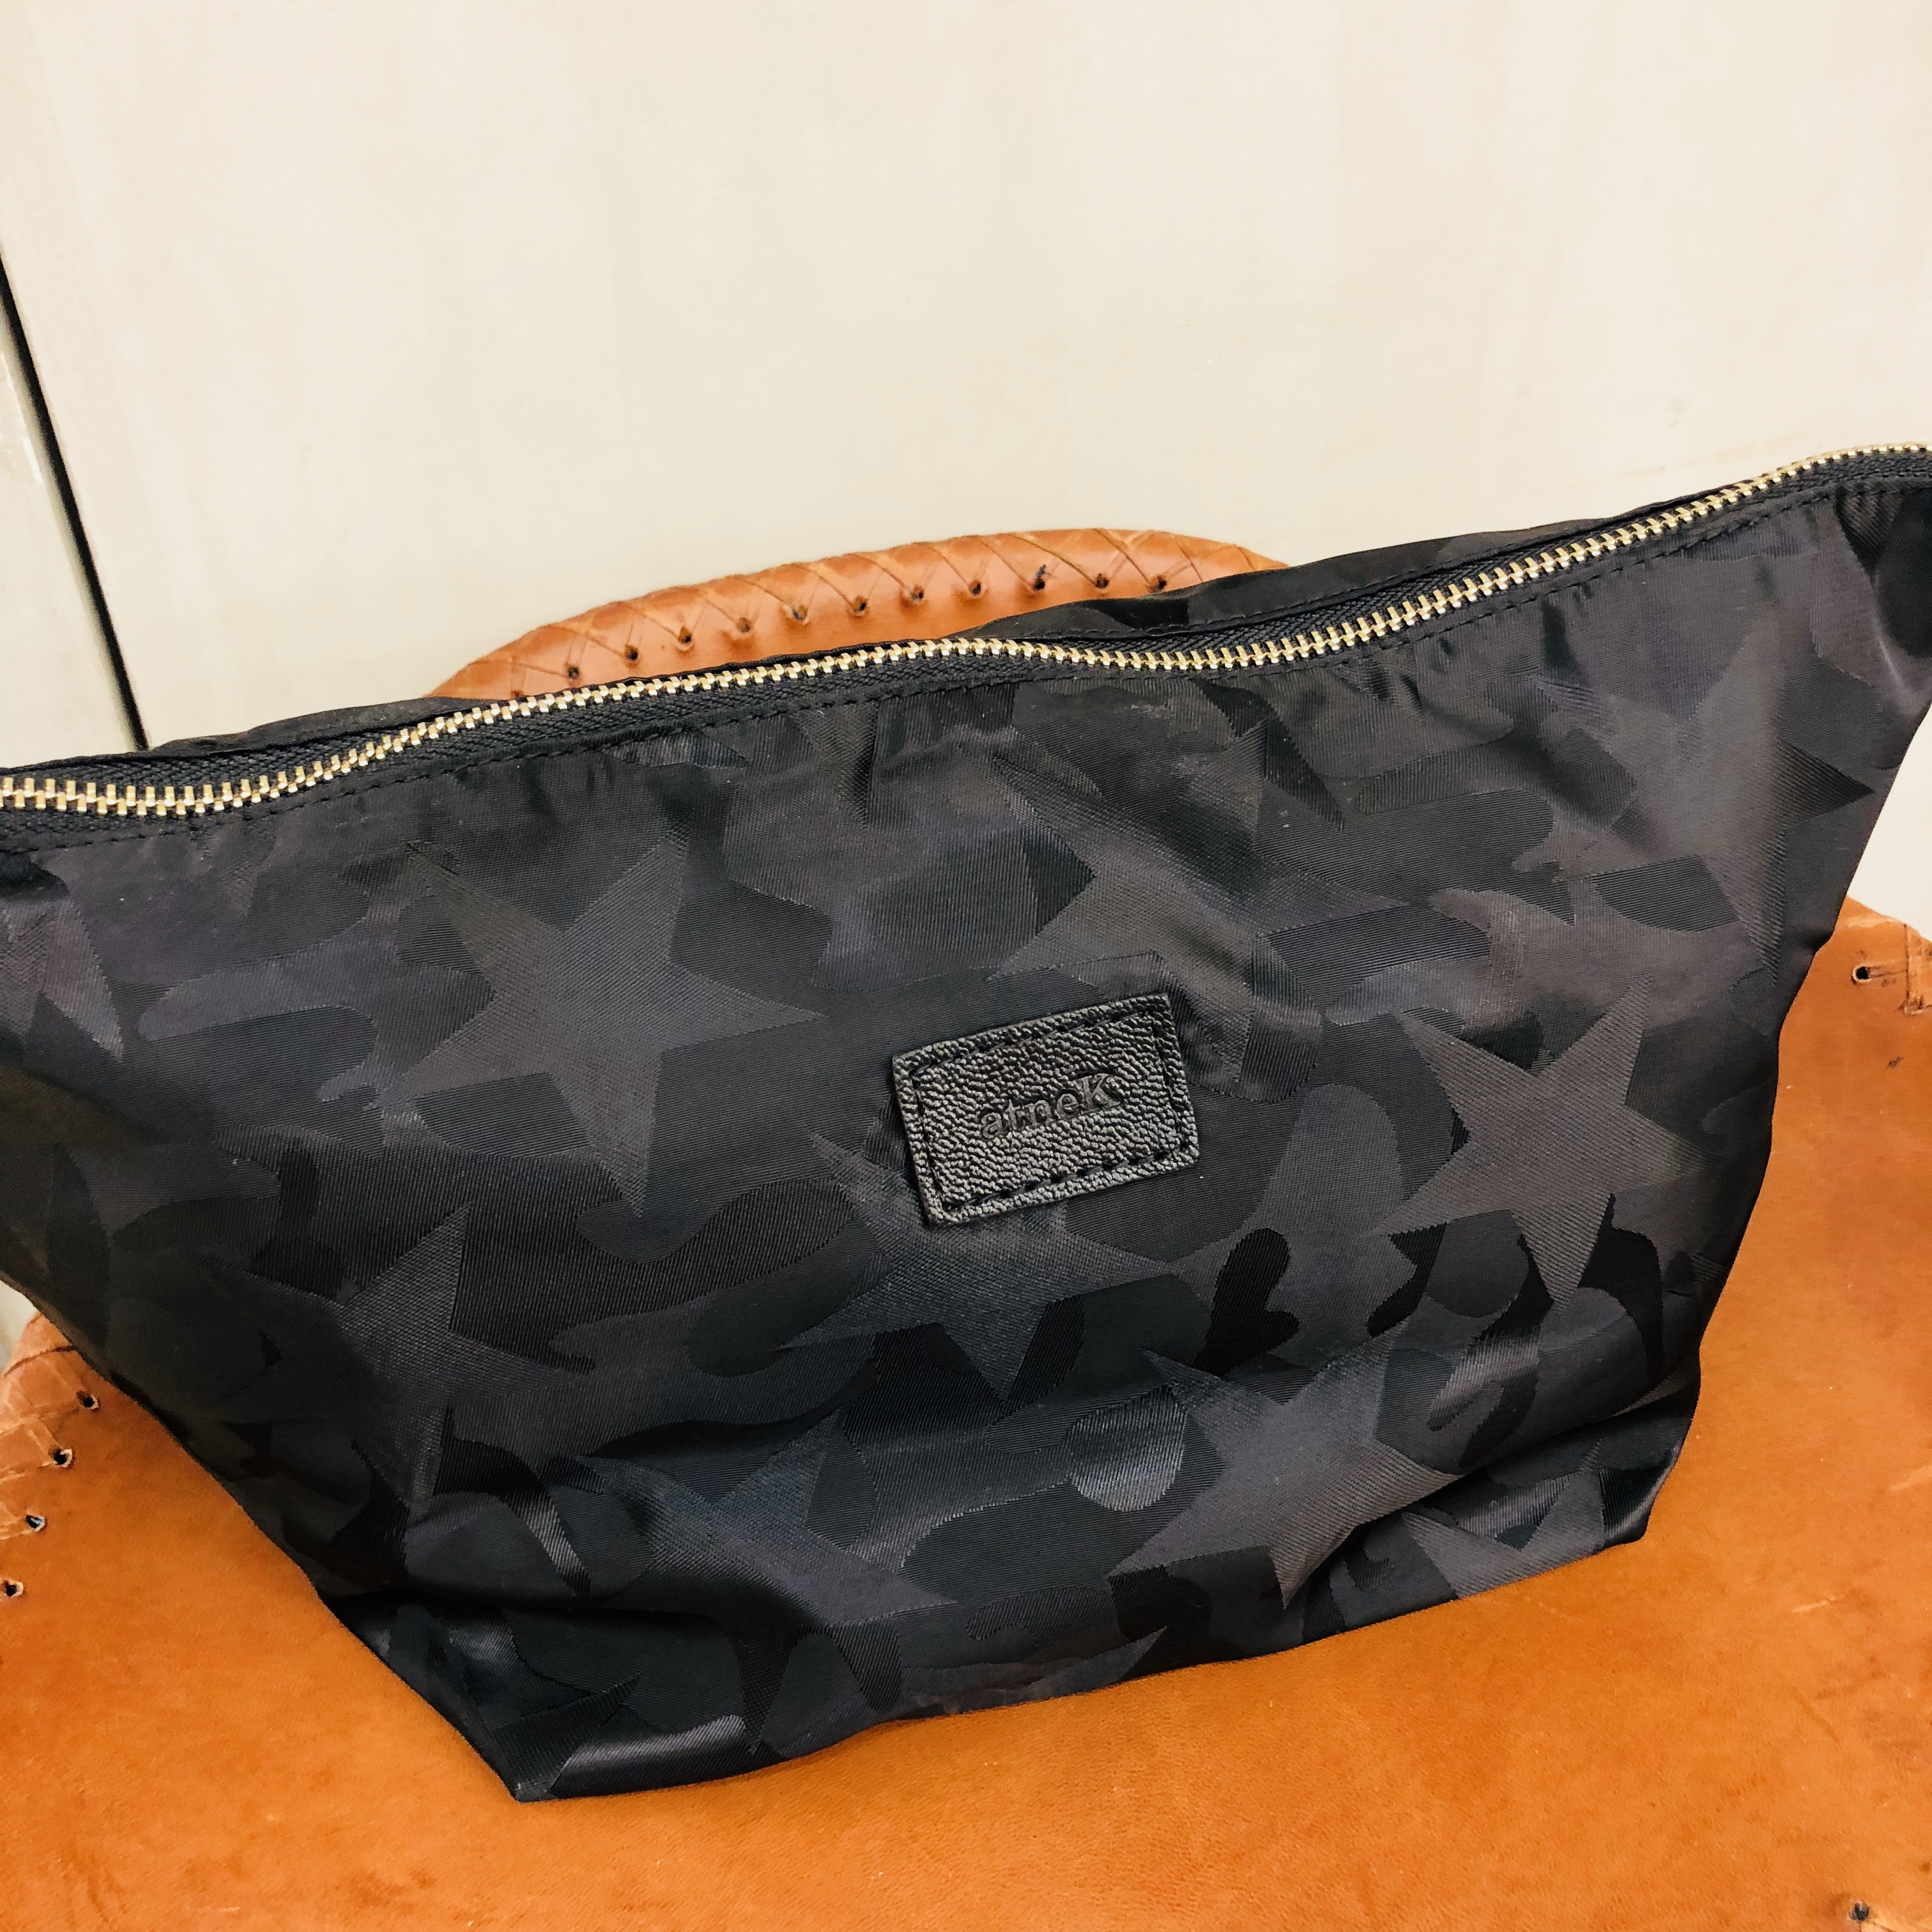 Scrap Book スクラップブック atneK アトネック leather bag レザーバッグ